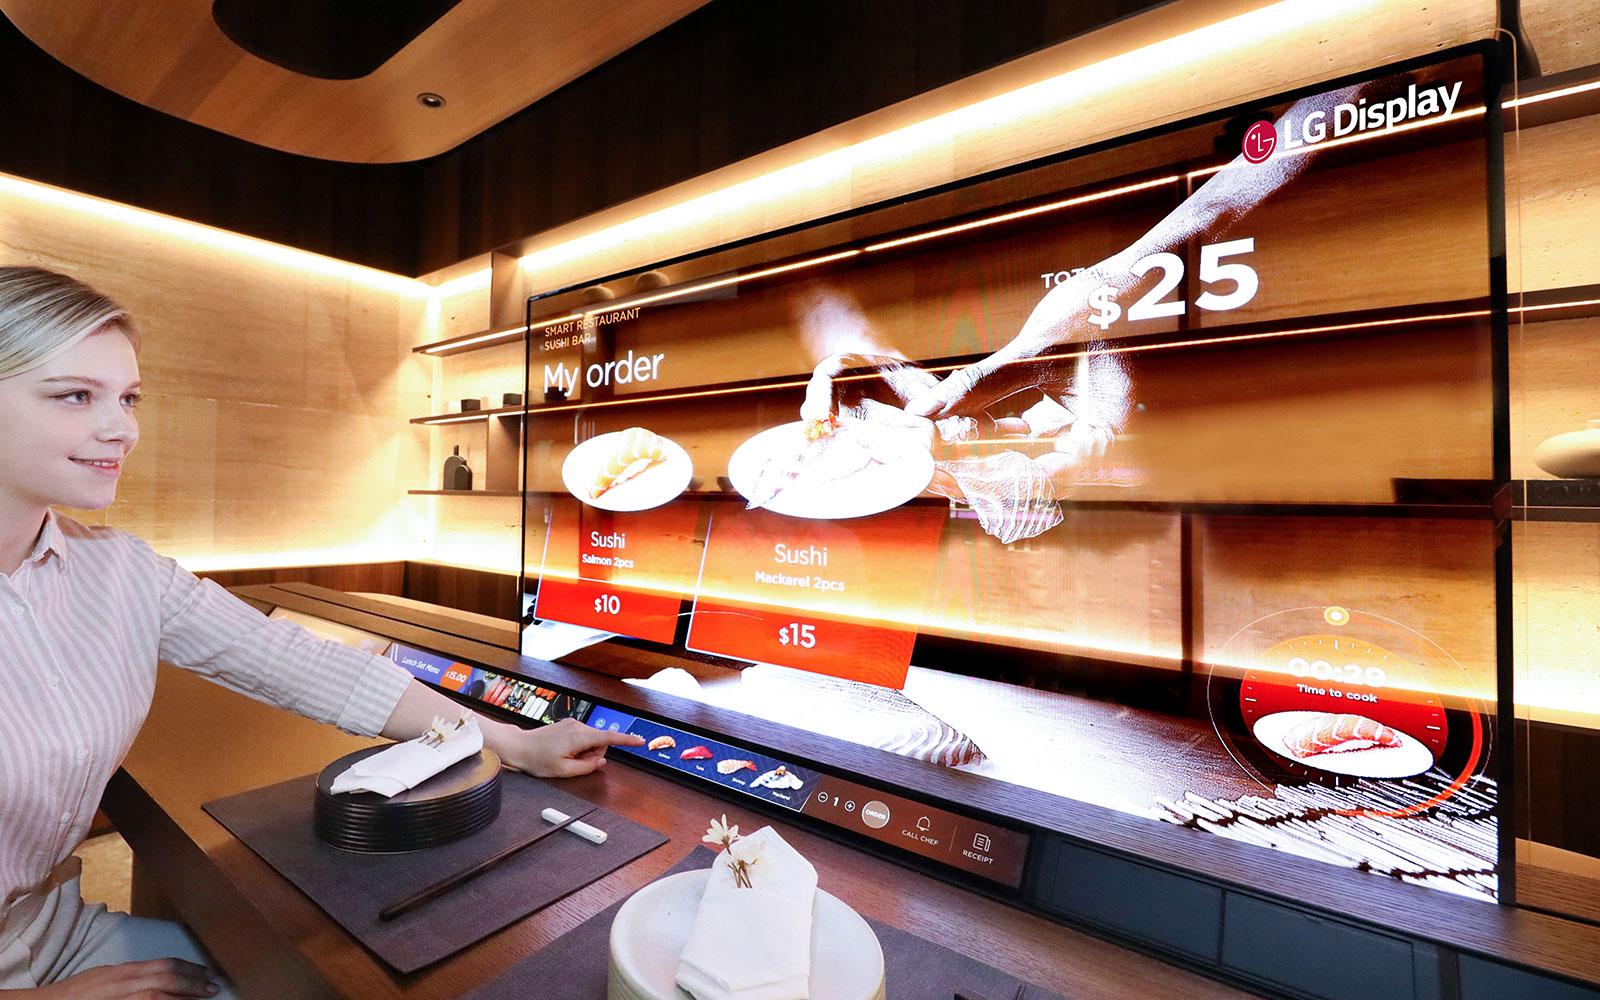 LG Display還在餐廳區的CES 2021上為其客戶提供了改變遊戲規則的地方,壽司吧可以利用55英寸透明OLED顯示屏來提供具有清晰圖像質量的信息,同時受益於高透明性以保持彼此之間的聯繫屏幕兩側的人。 當客人等待他們的訂單時,他們可以觀看電影或電視節目,同時在顯示屏的另一側觀看廚師準備食物。 這種創新產品自然在非接觸式時代更加引人注目,因為它不僅可以充當分區,還可以帶來一些樂趣。